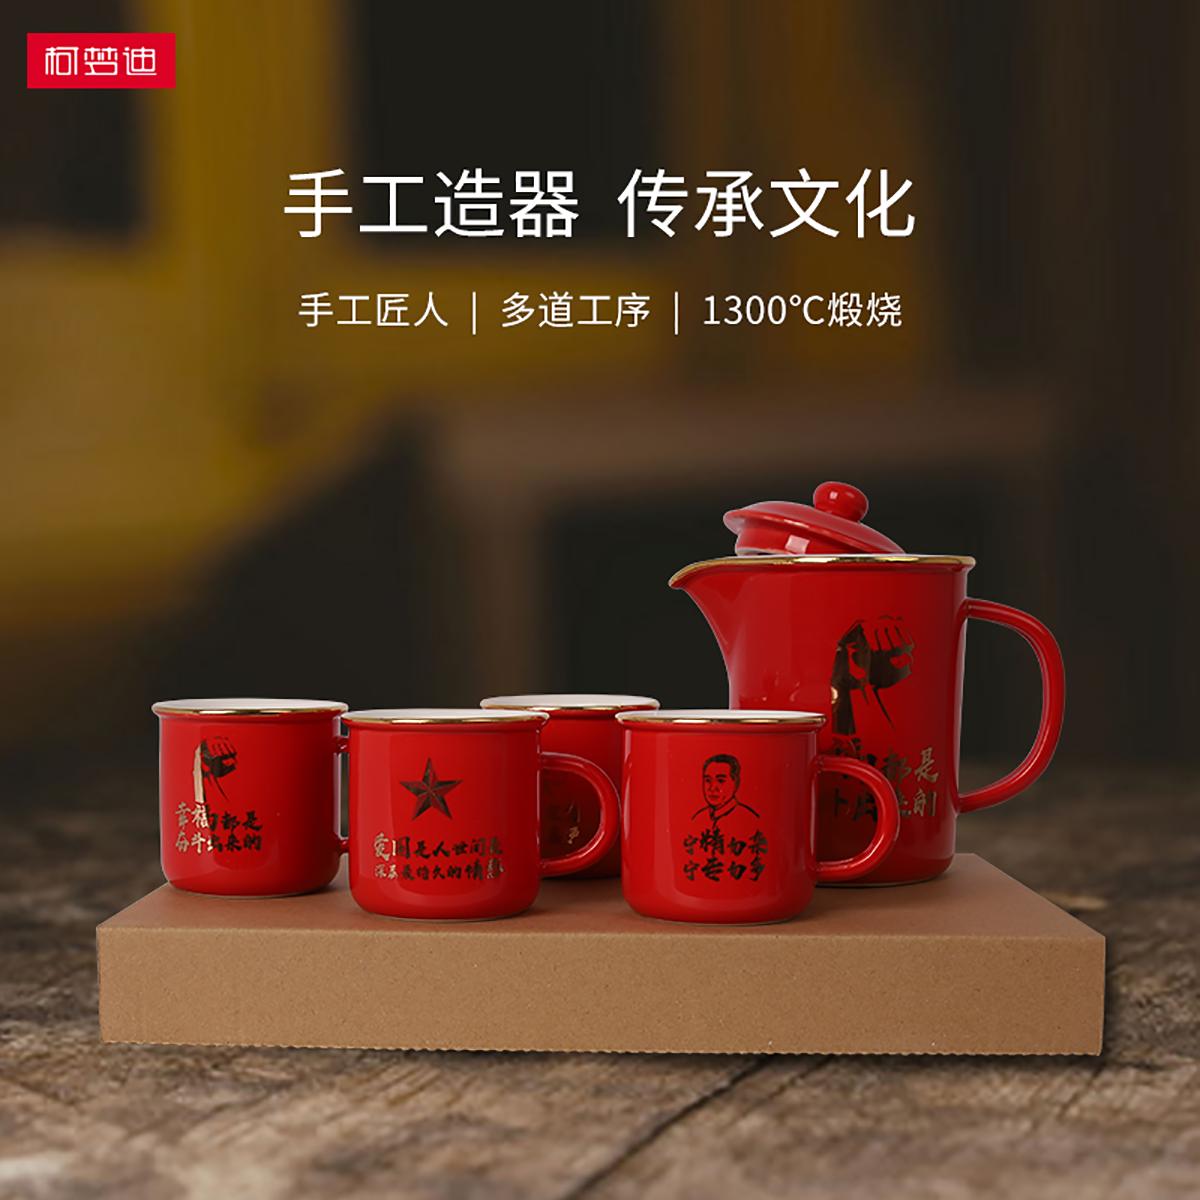 茶杯_02.png